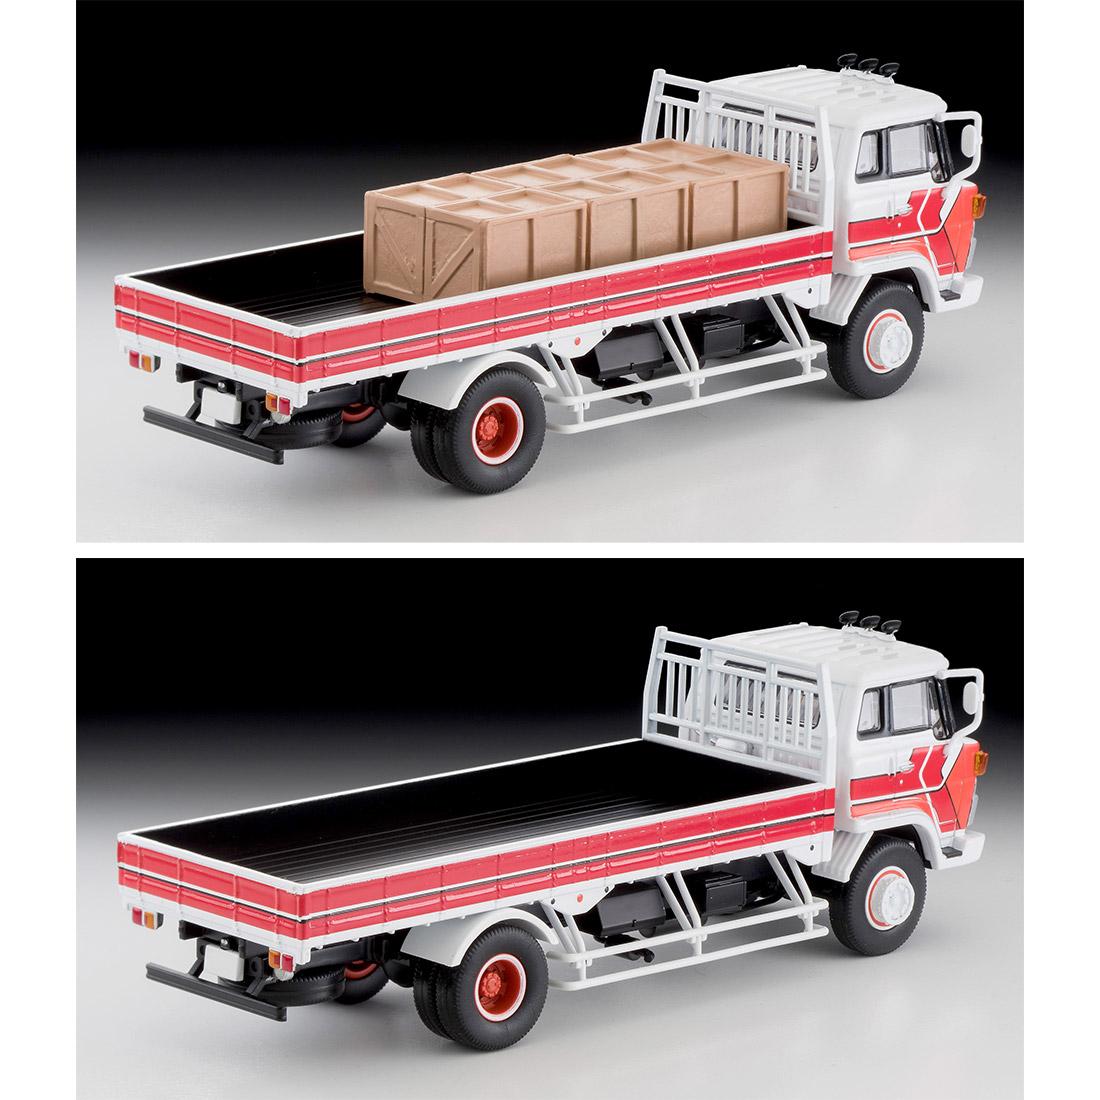 トミカリミテッド ヴィンテージ ネオ TLV-NEO『LV-N44d 日野KB324型トラック(赤/白)』ミニカー-003